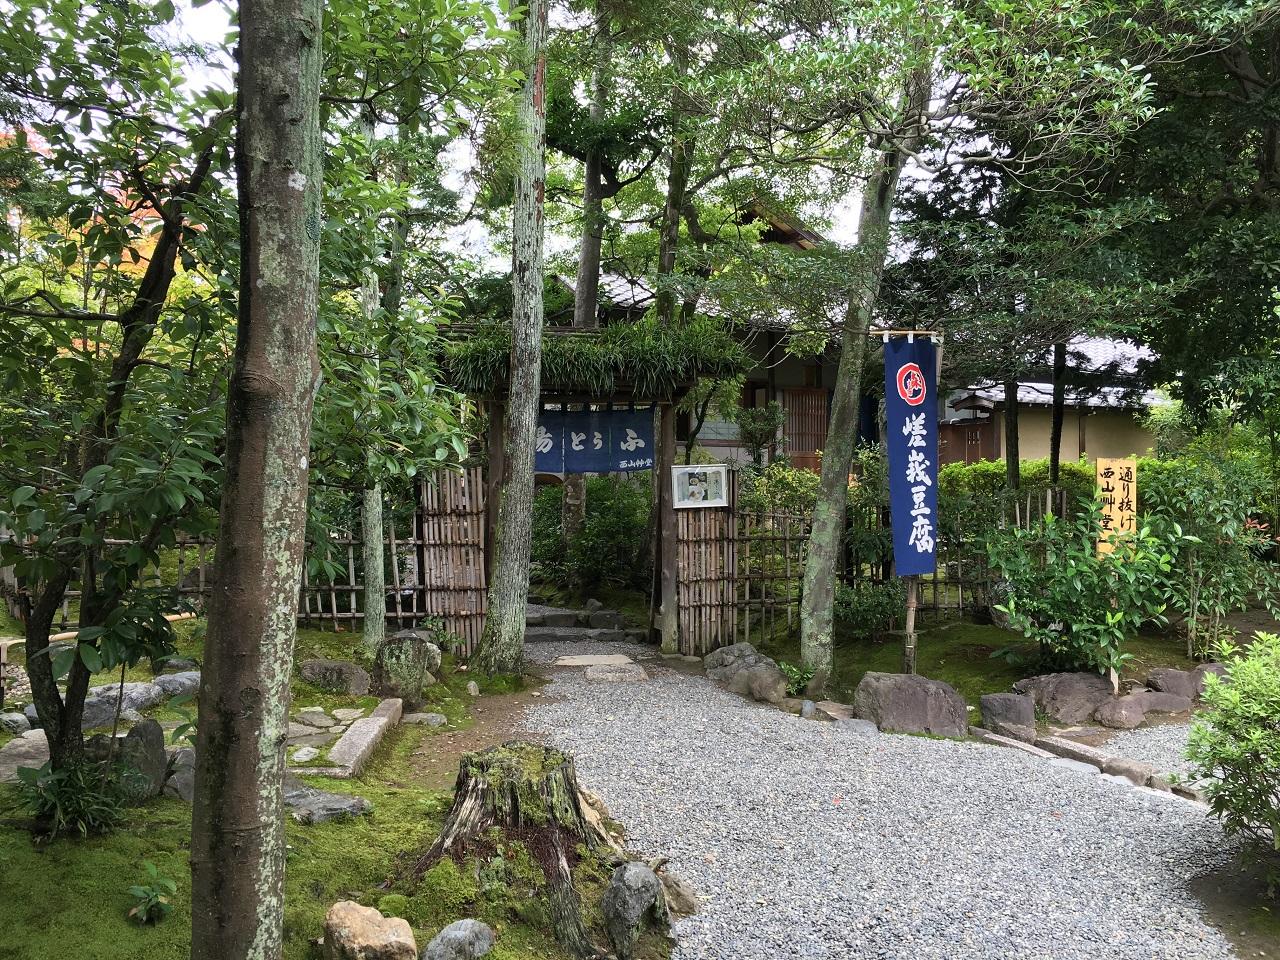 갖은 정성을 다해 정원을 꾸며놓았는데 알고 보니 일본 정식을 파는 식당이었다.